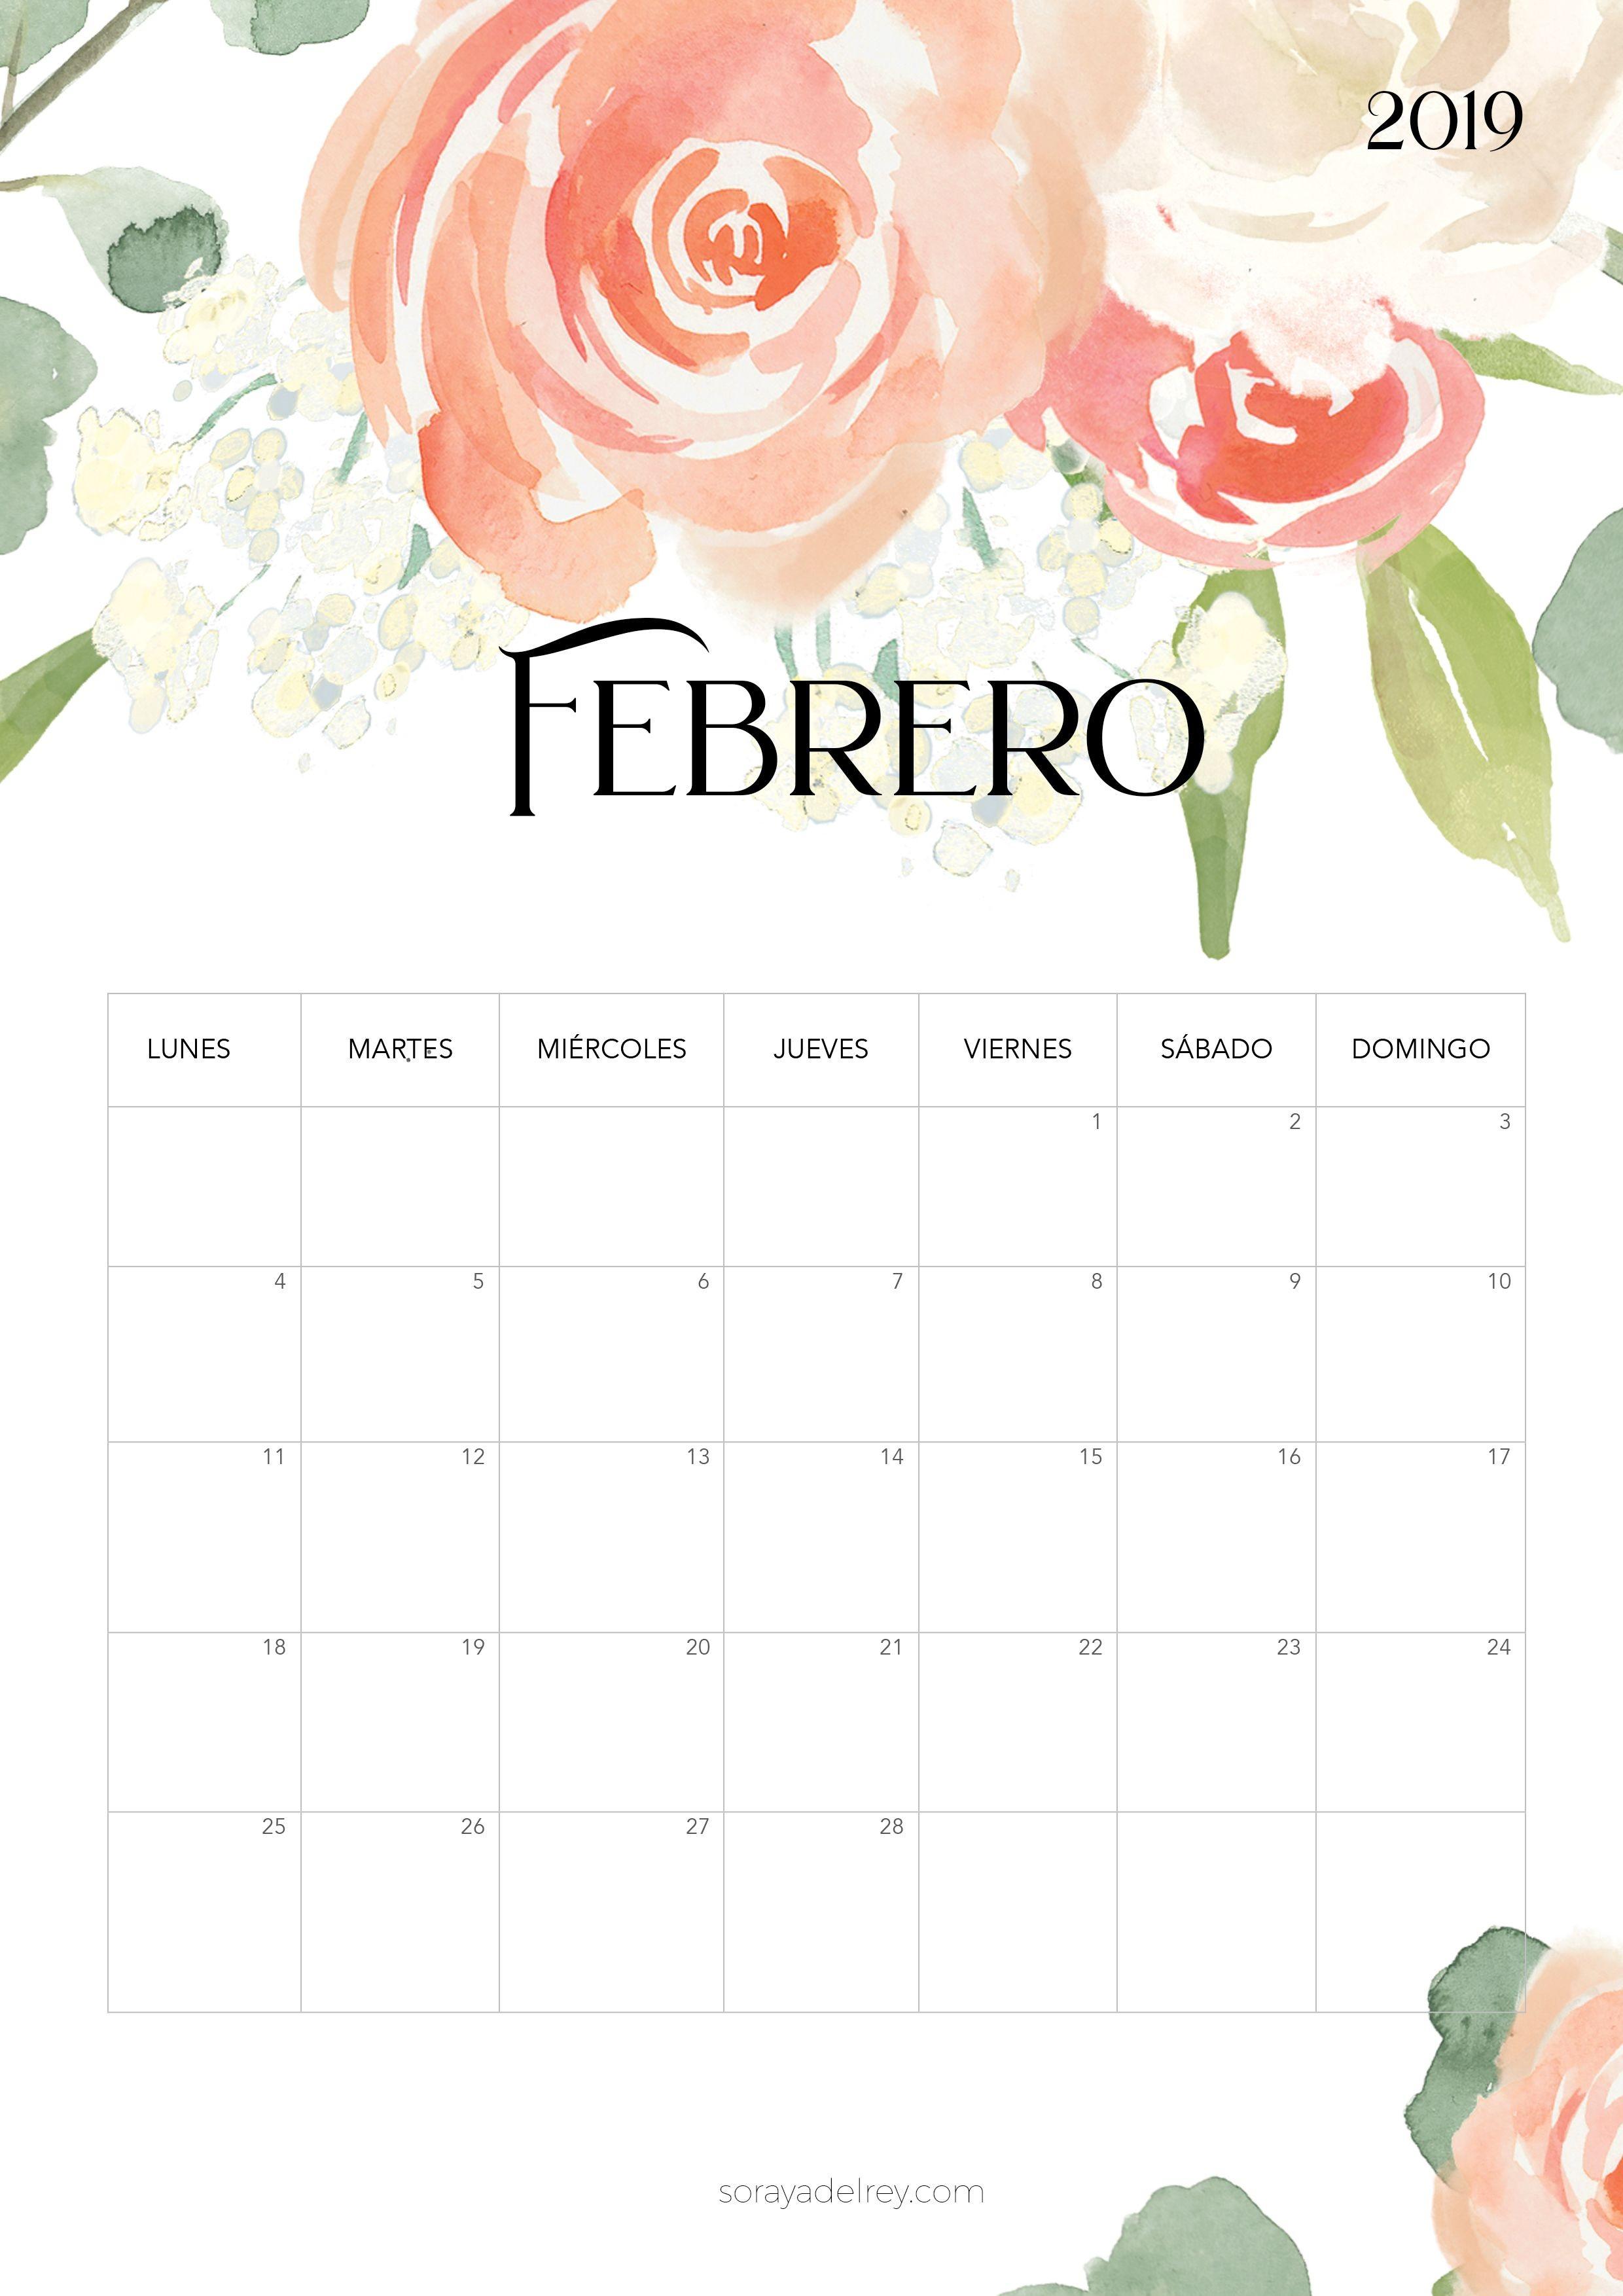 Calendario para imprimir Febrero 2019 calendario calendar febrero february freebie printable imprimir flores nature